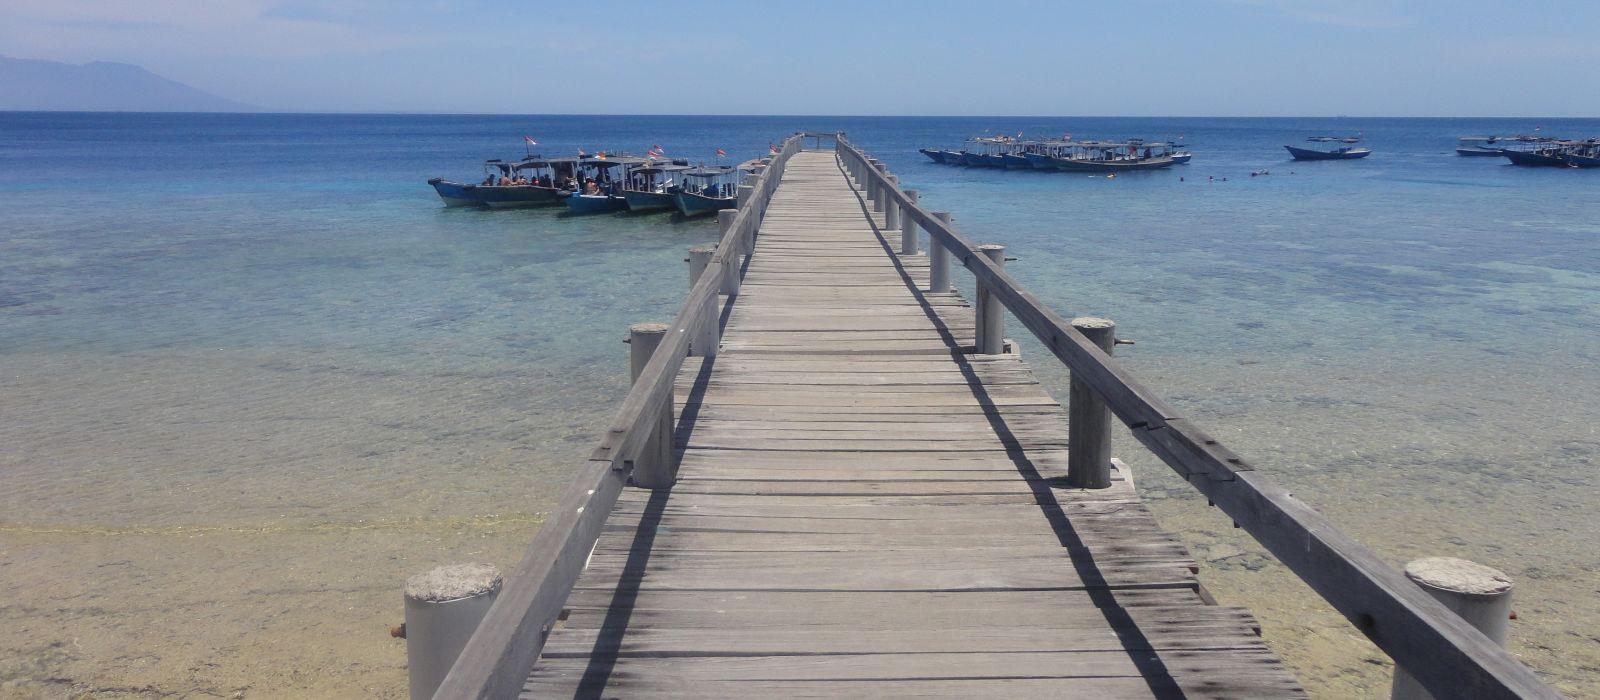 Indonesia: Von Insel zu Insel und Bali Urlaub 2